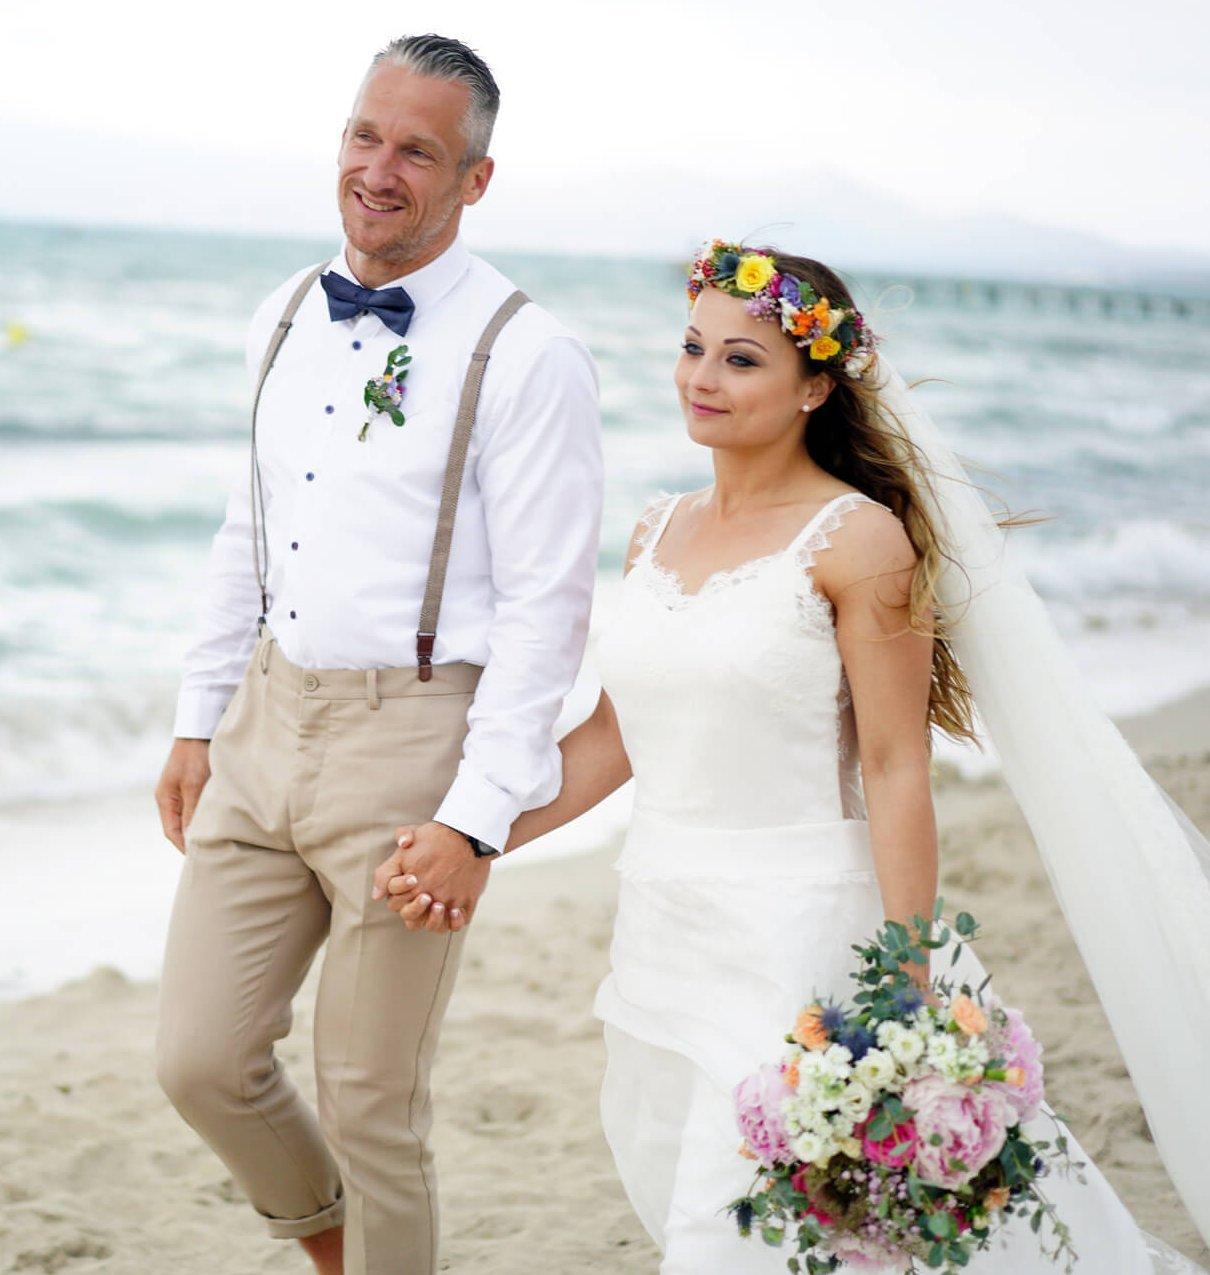 Glückliche Brautpaare - Wir machen Deine Traumhochzeit auf Mallorca ...